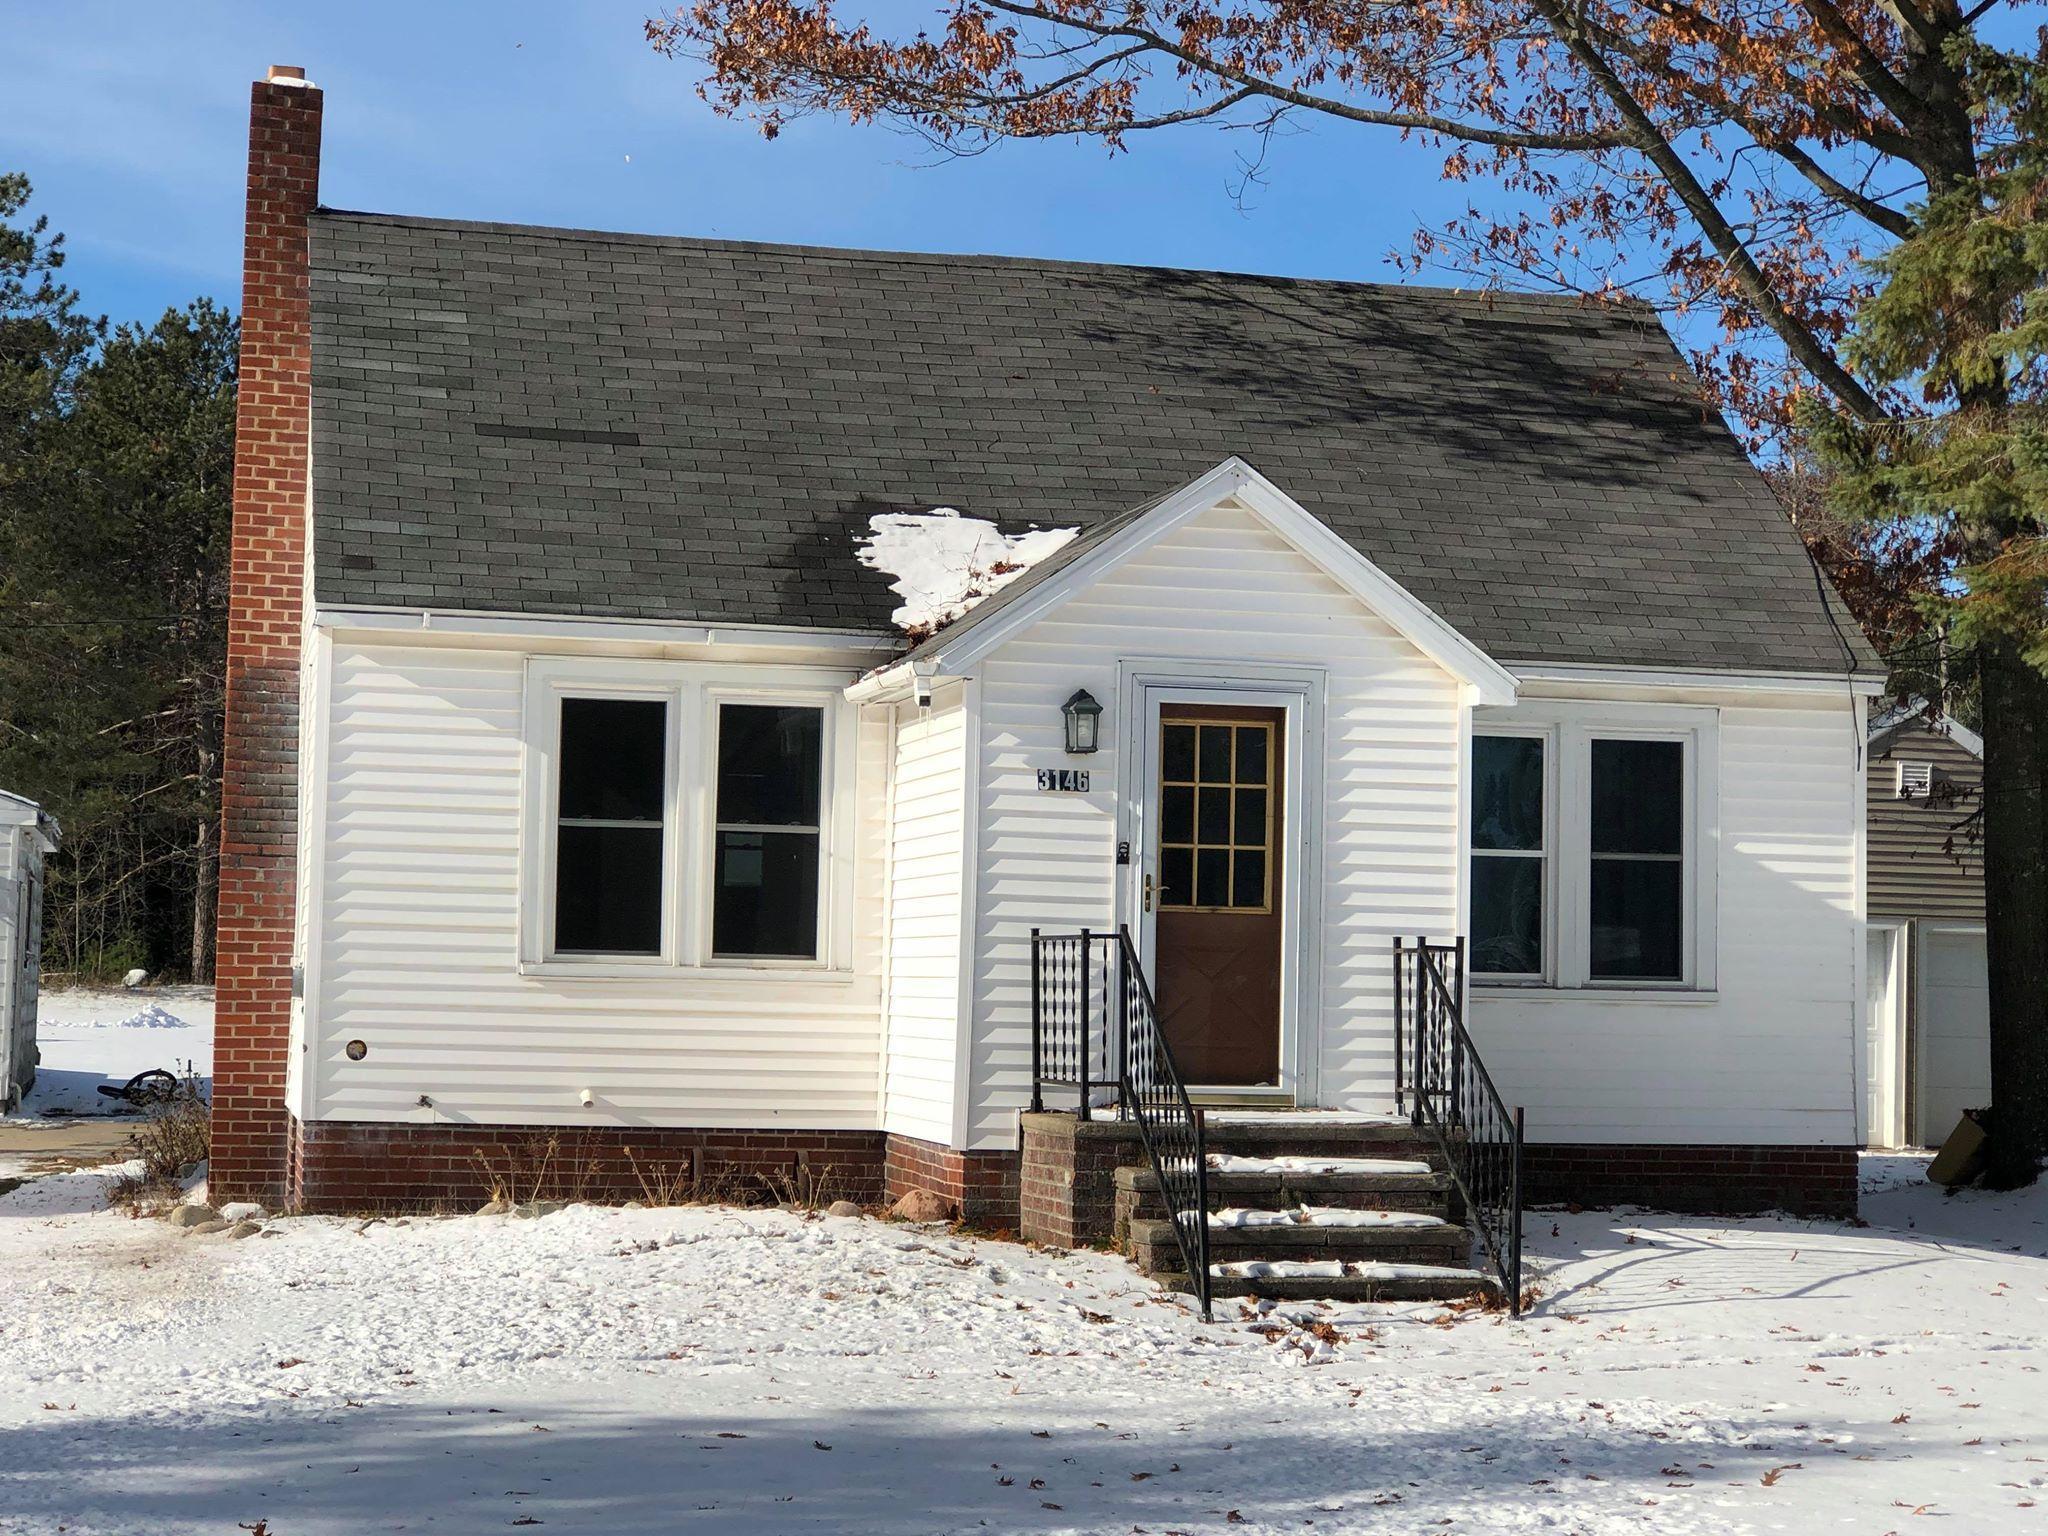 3146 Piper Road, Alpena, Michigan